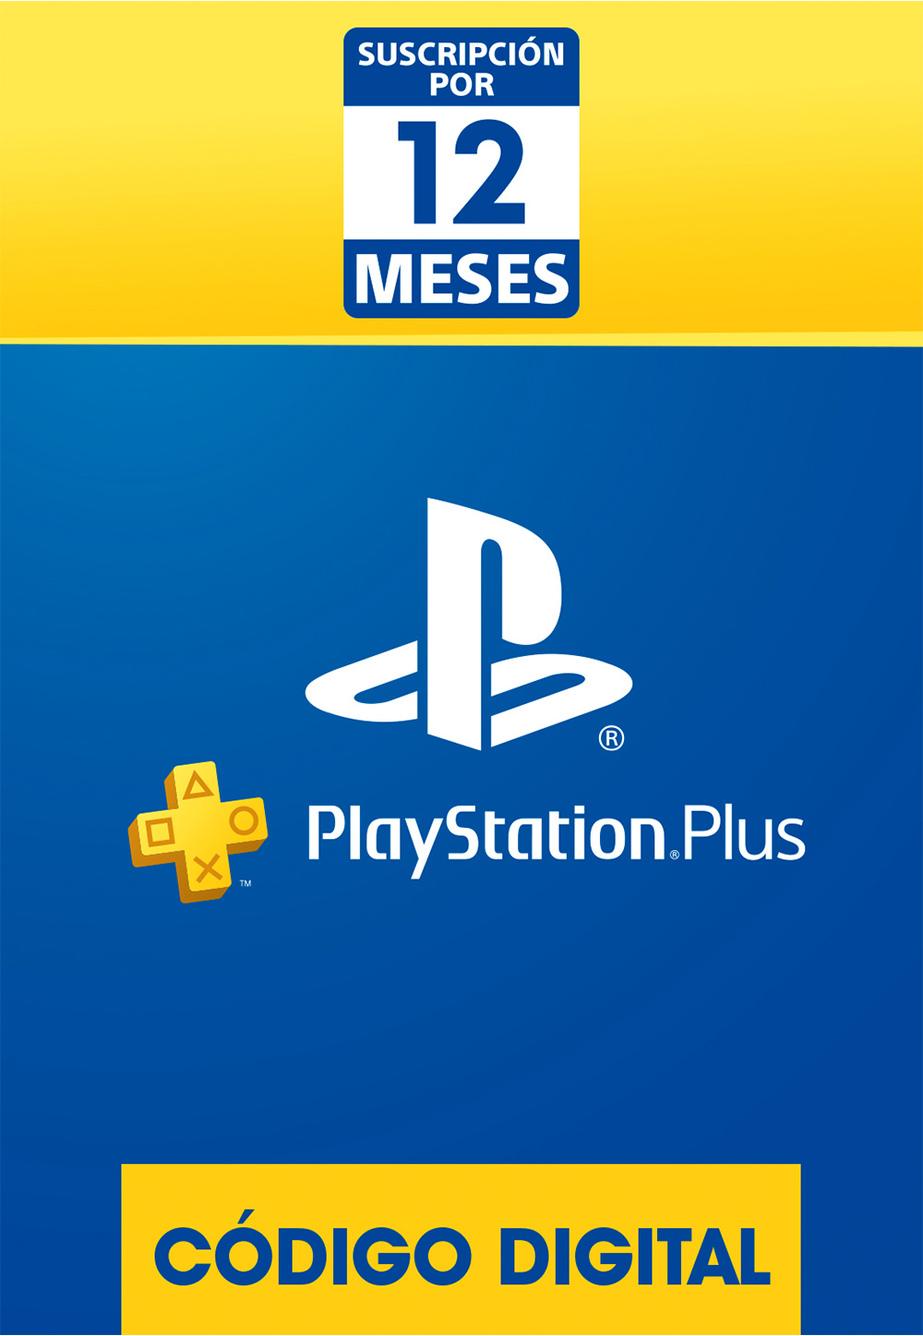 Membresía PlayStation Plus de 12 Meses